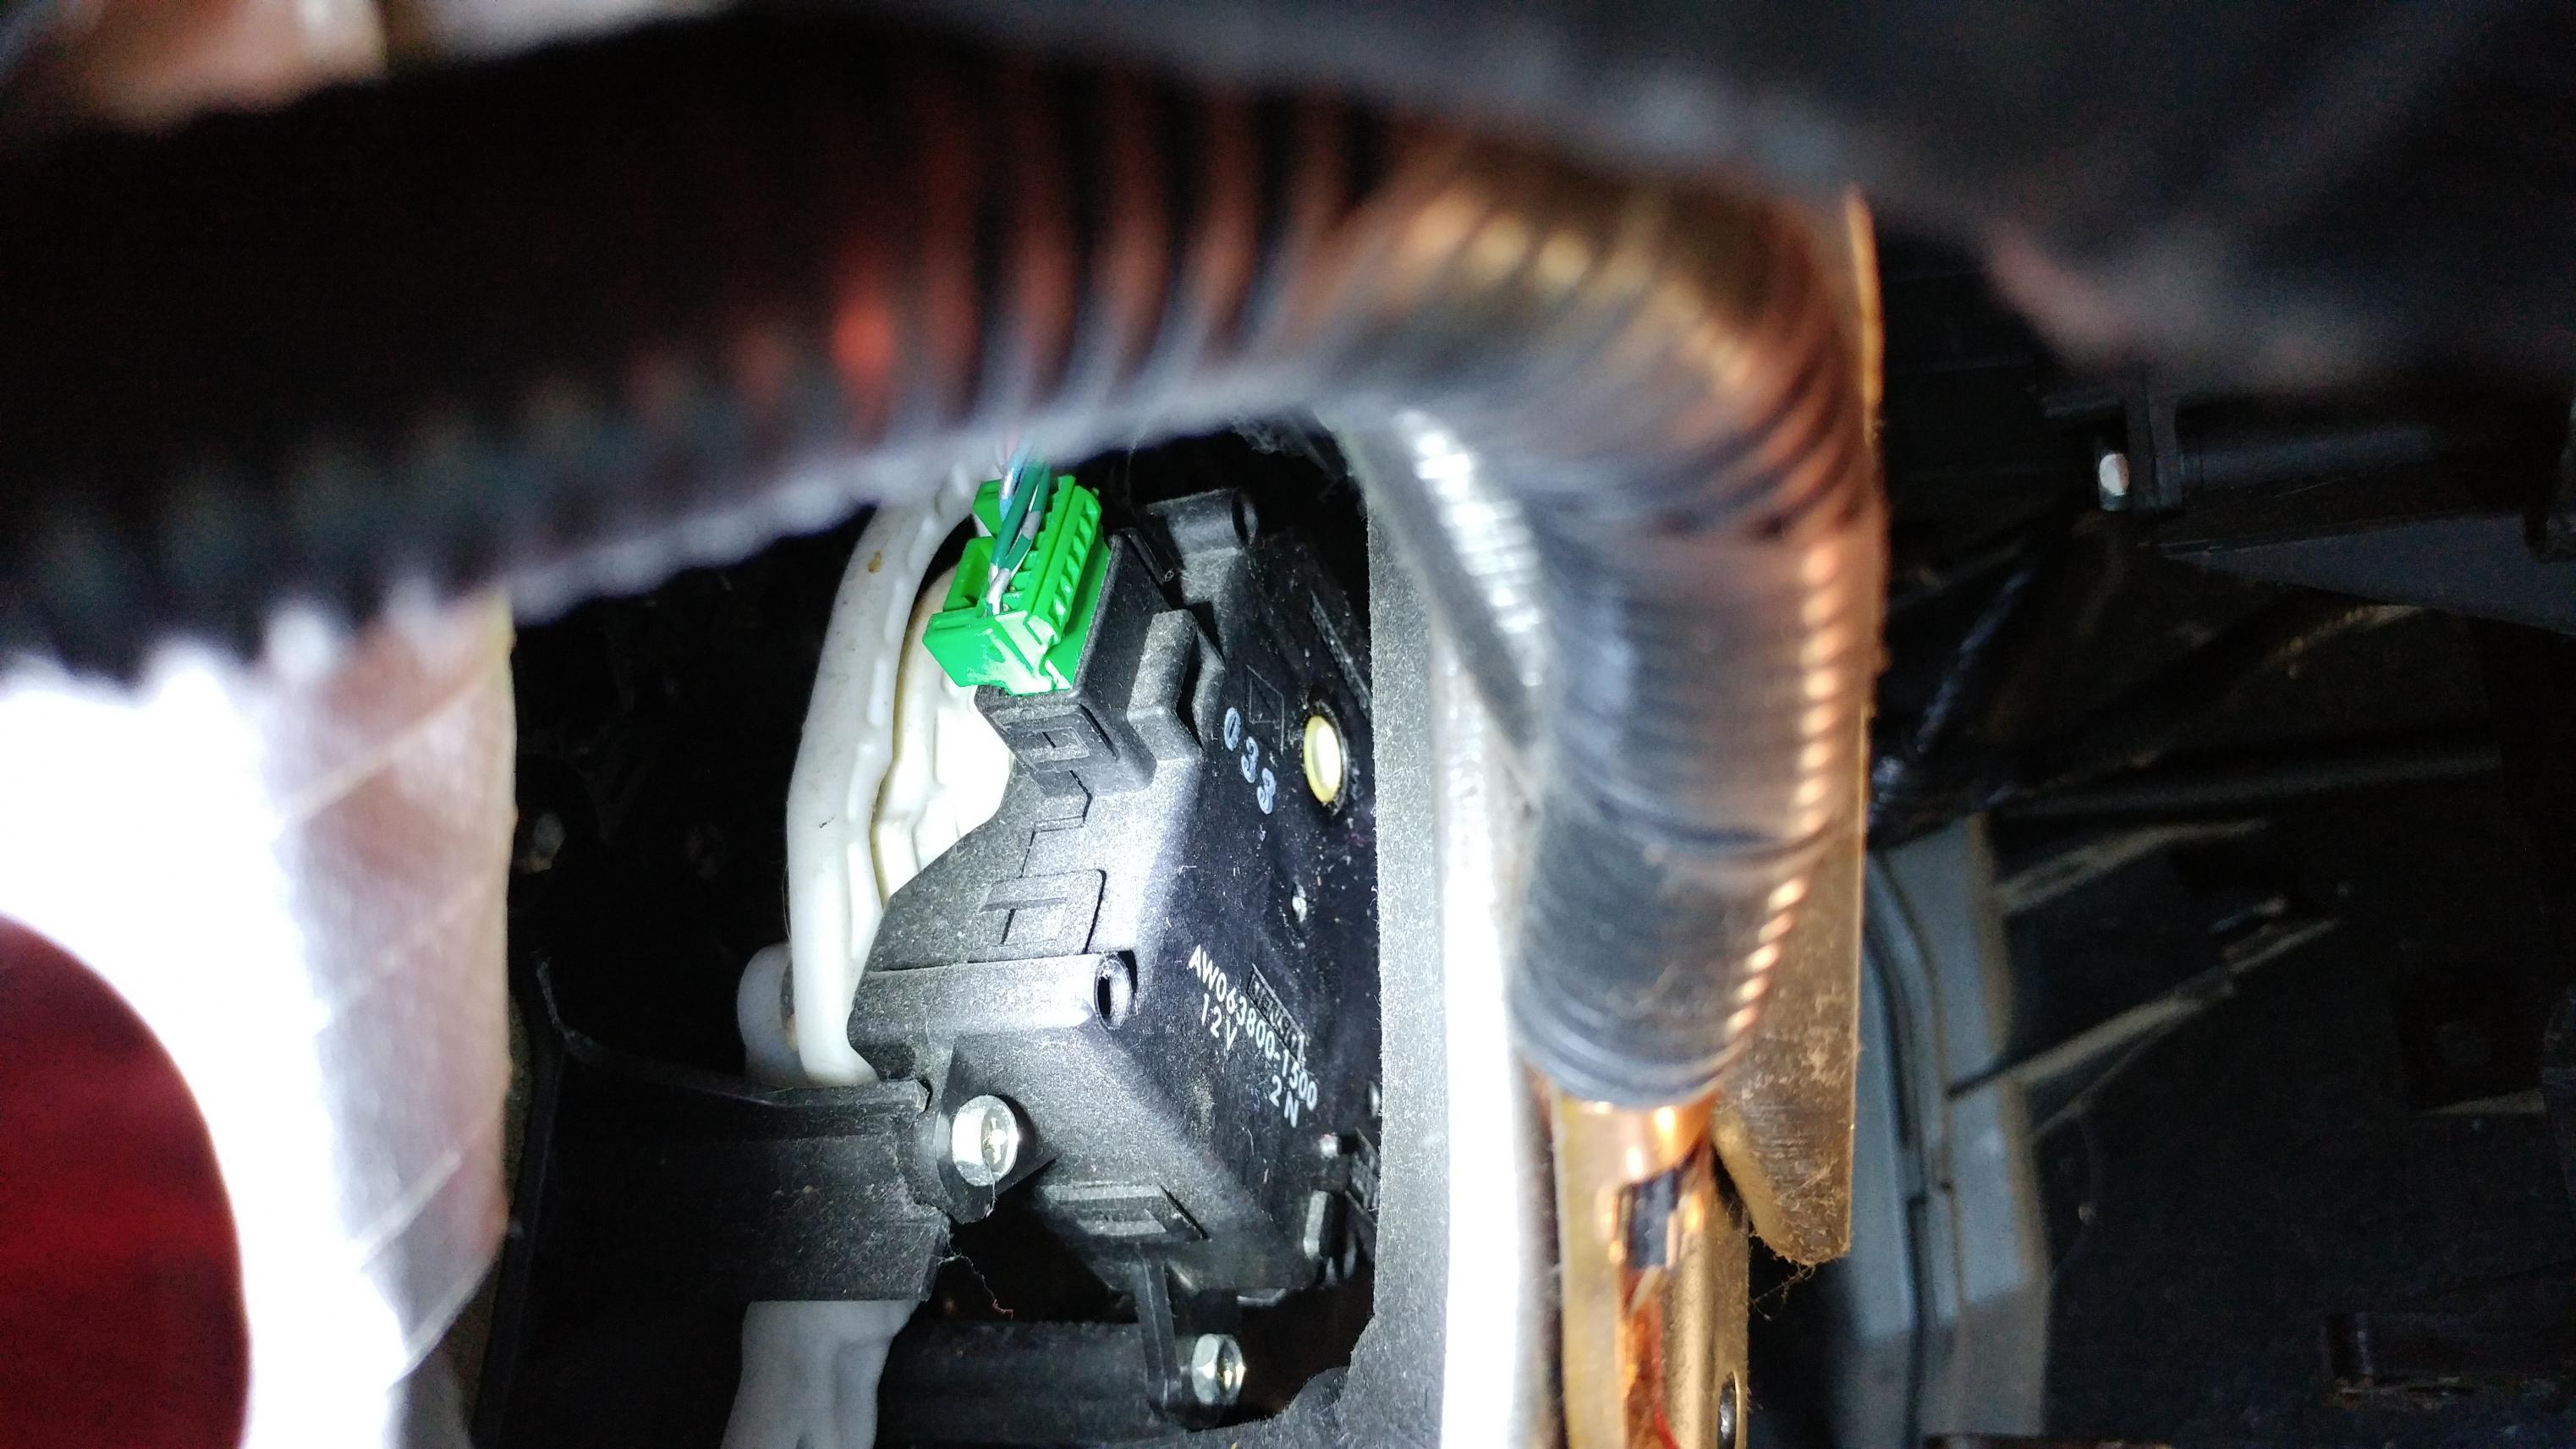 2011 Ac Mode Selector Actuator Stuck In Defrost Solved Honda Pilot Honda Pilot Forums